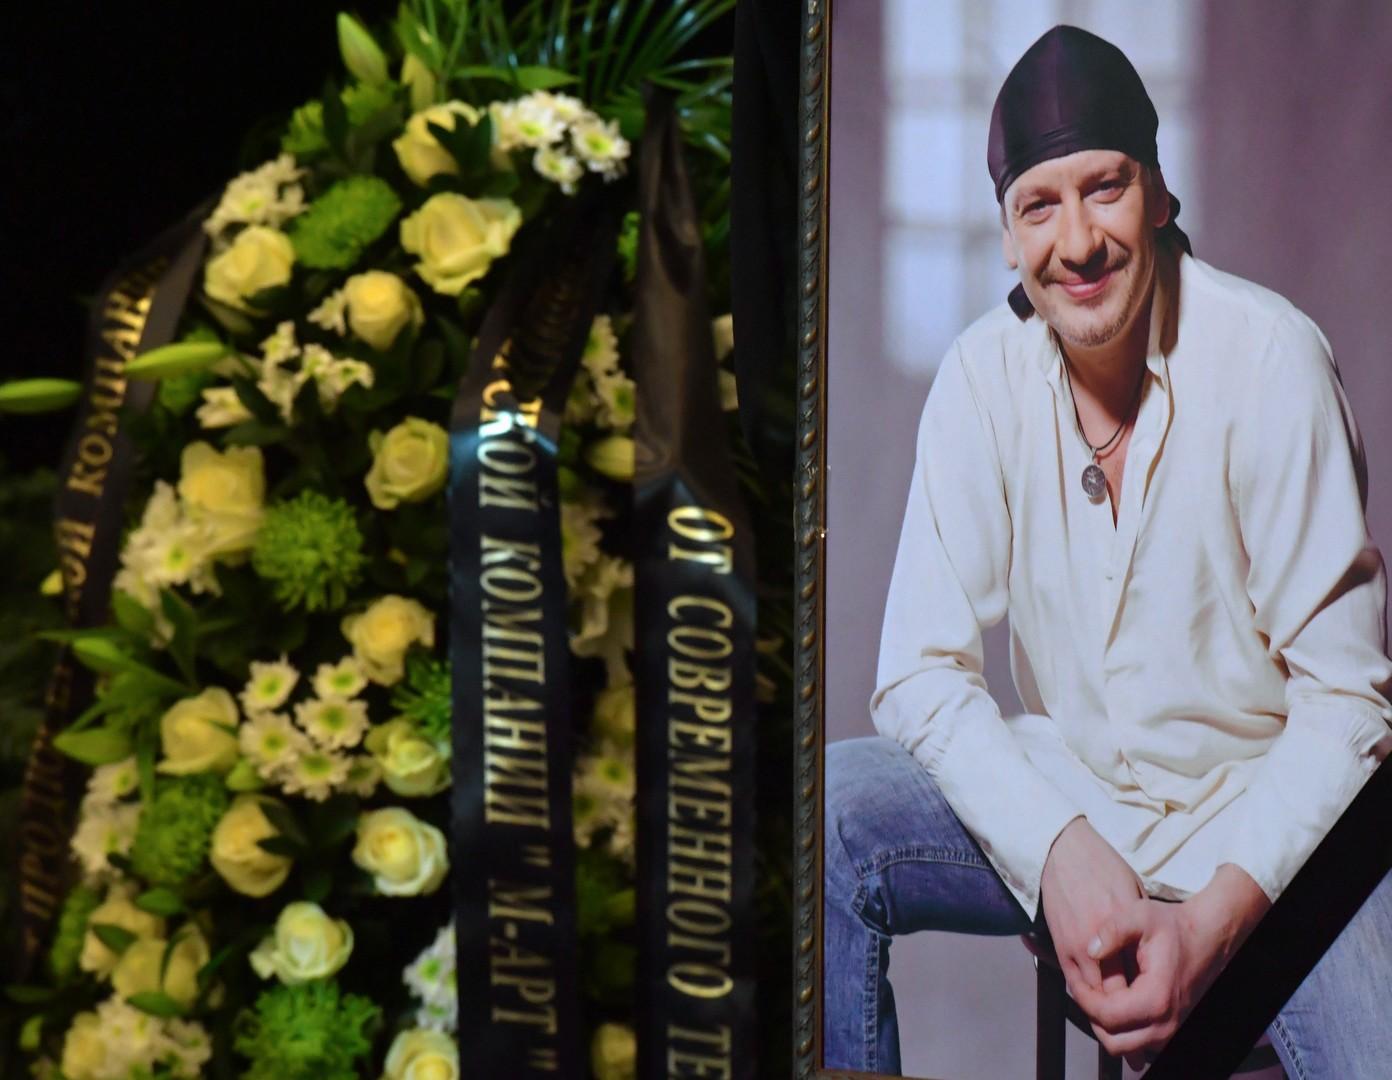 «Несвоевременная помощь»: следствие назвало основные версии причины смерти актёра Марьянова